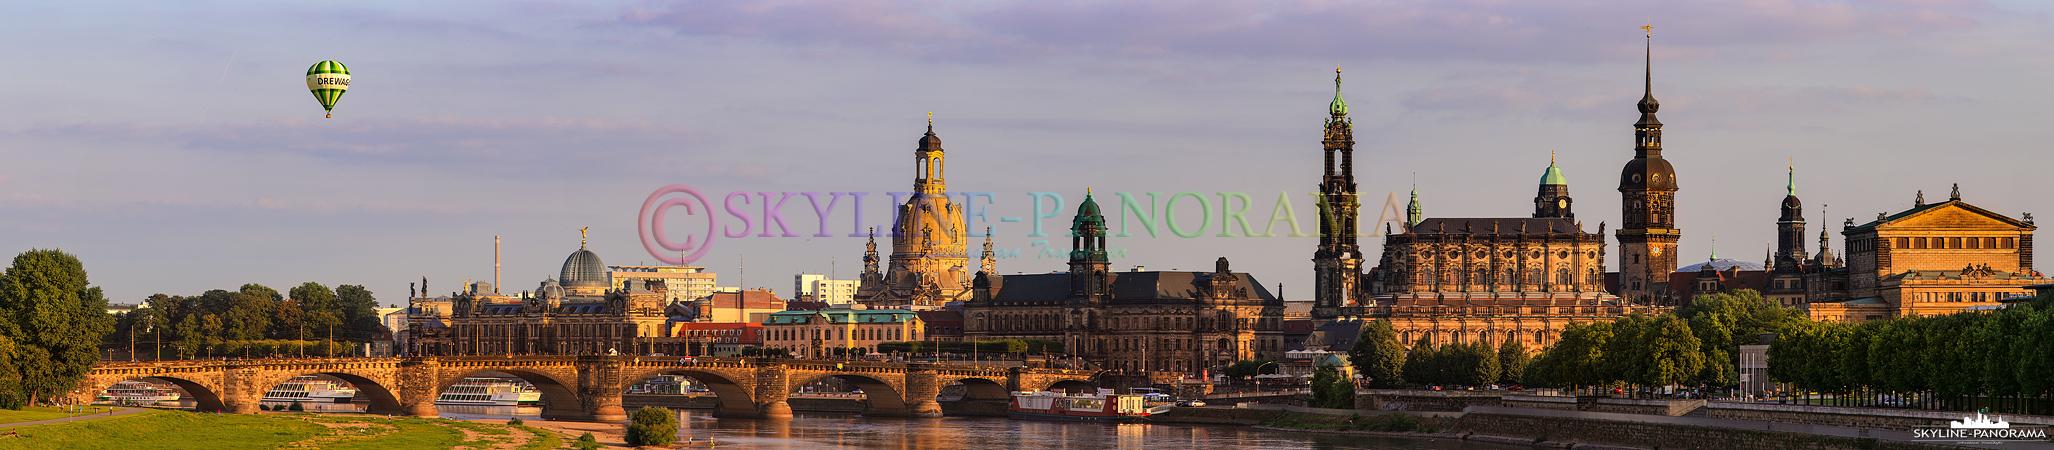 Bilder Dresden - Stadtansicht von der Marienbrücke auf die Altstadt von Dresden, das letzte Sonnenlicht scheint auf die historische Silhouette von Dresden.